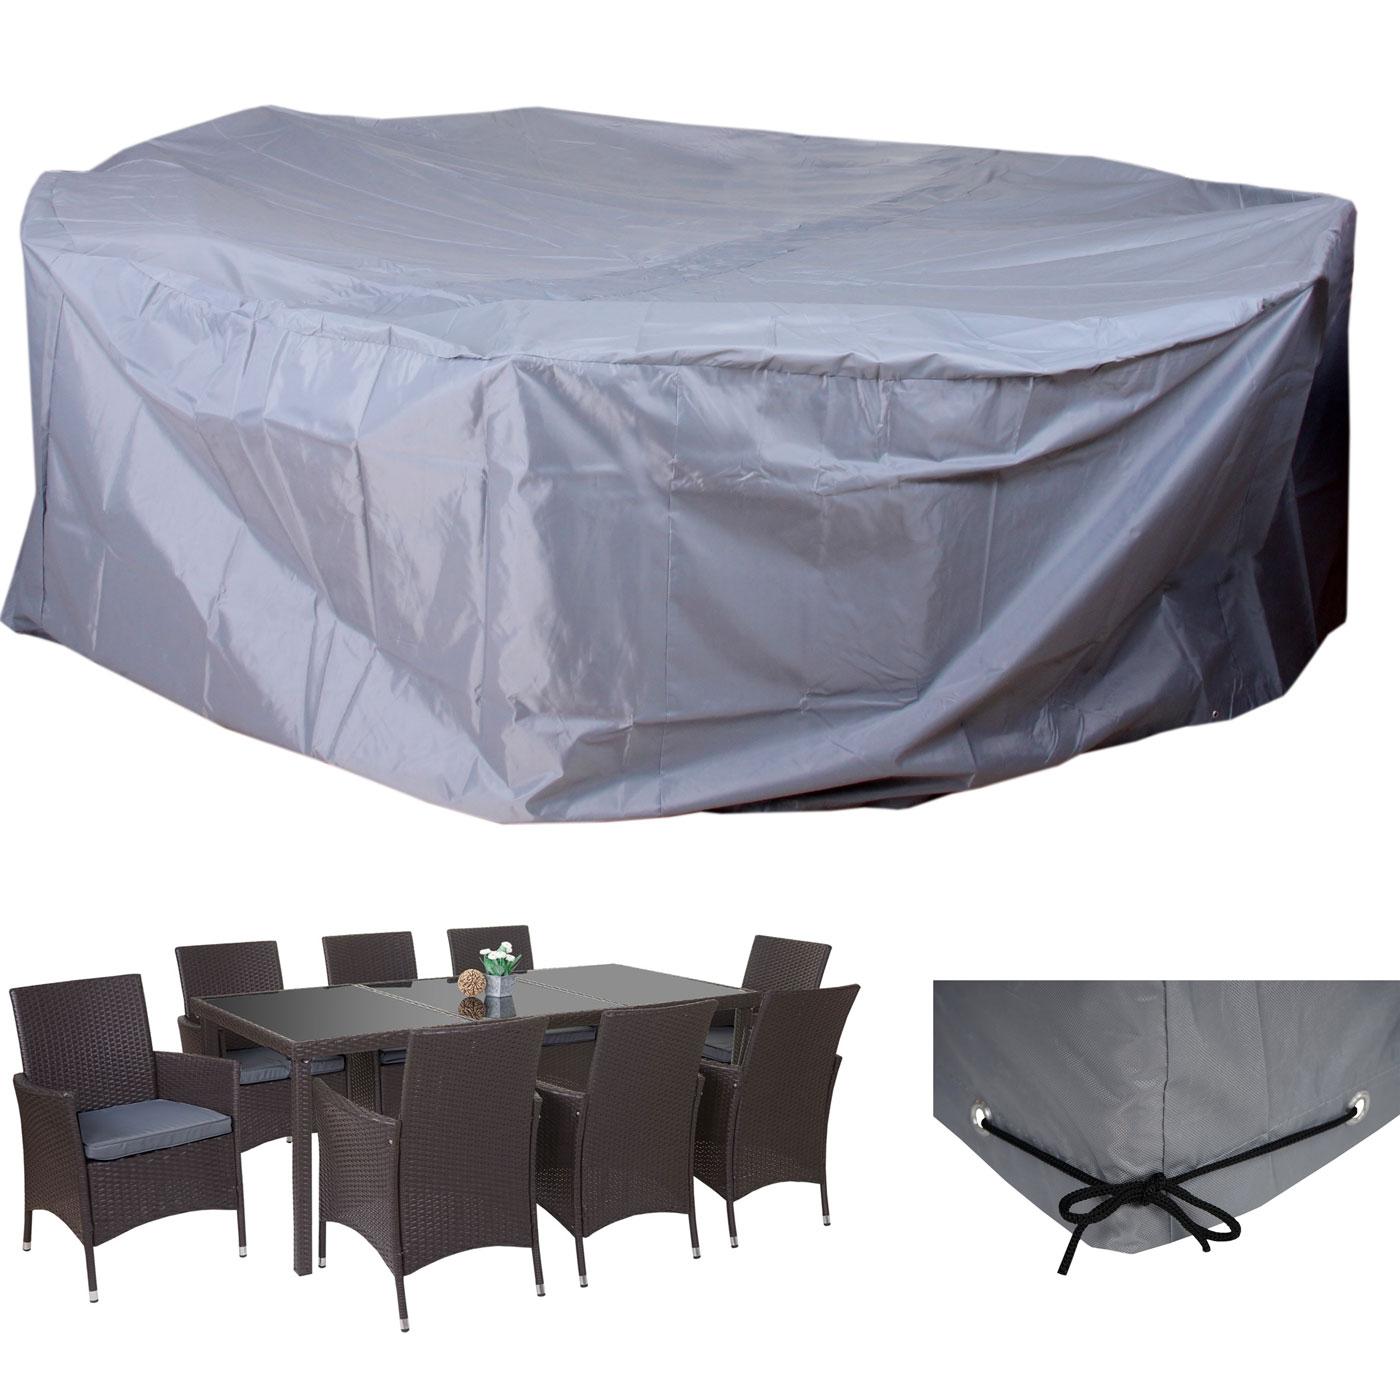 abdeckplane abdeckhaube schutzplane schutzh lle f r garnituren beschichtetes polyester grau. Black Bedroom Furniture Sets. Home Design Ideas